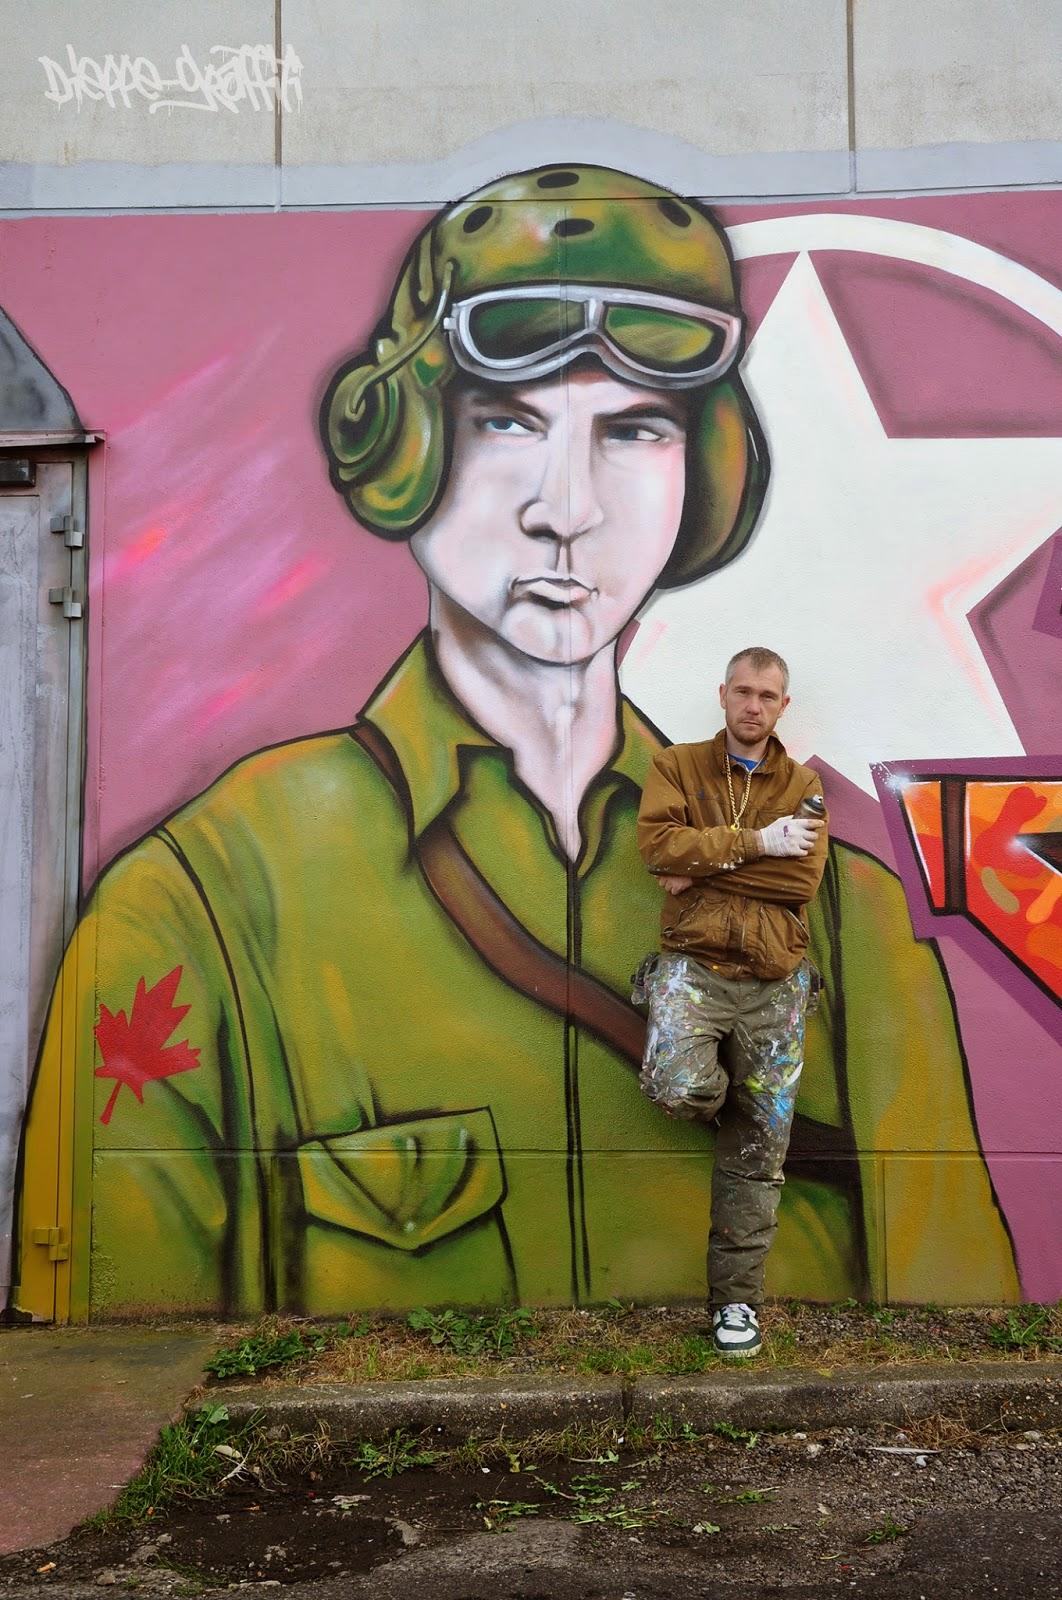 Graffiti réalisé par le graffeur Konu